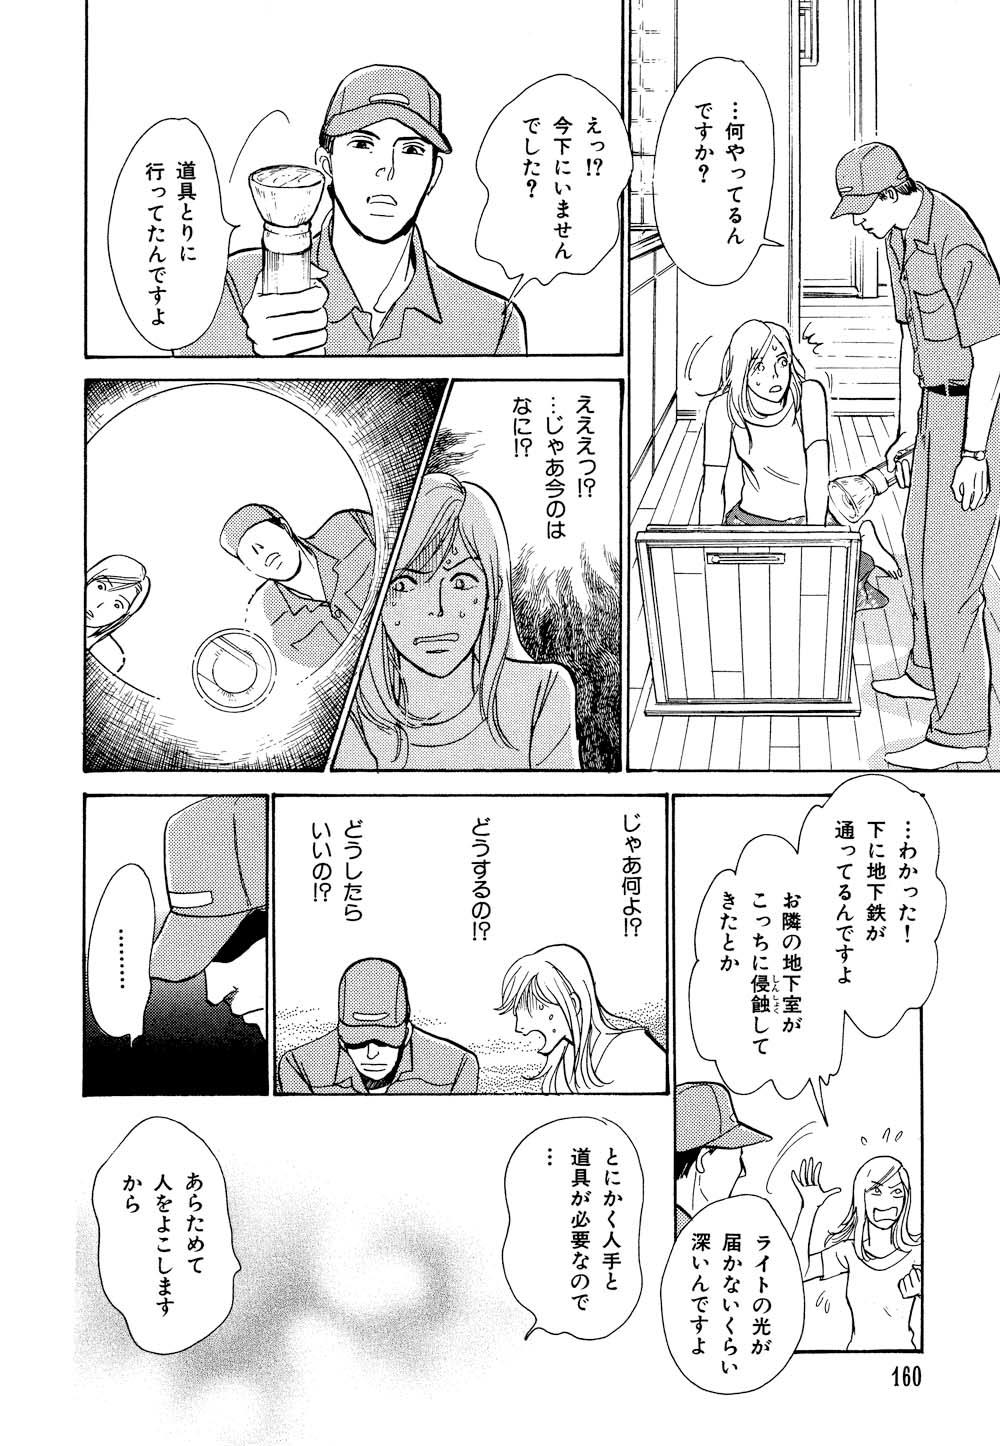 百鬼夜行抄_12_0164.jpg